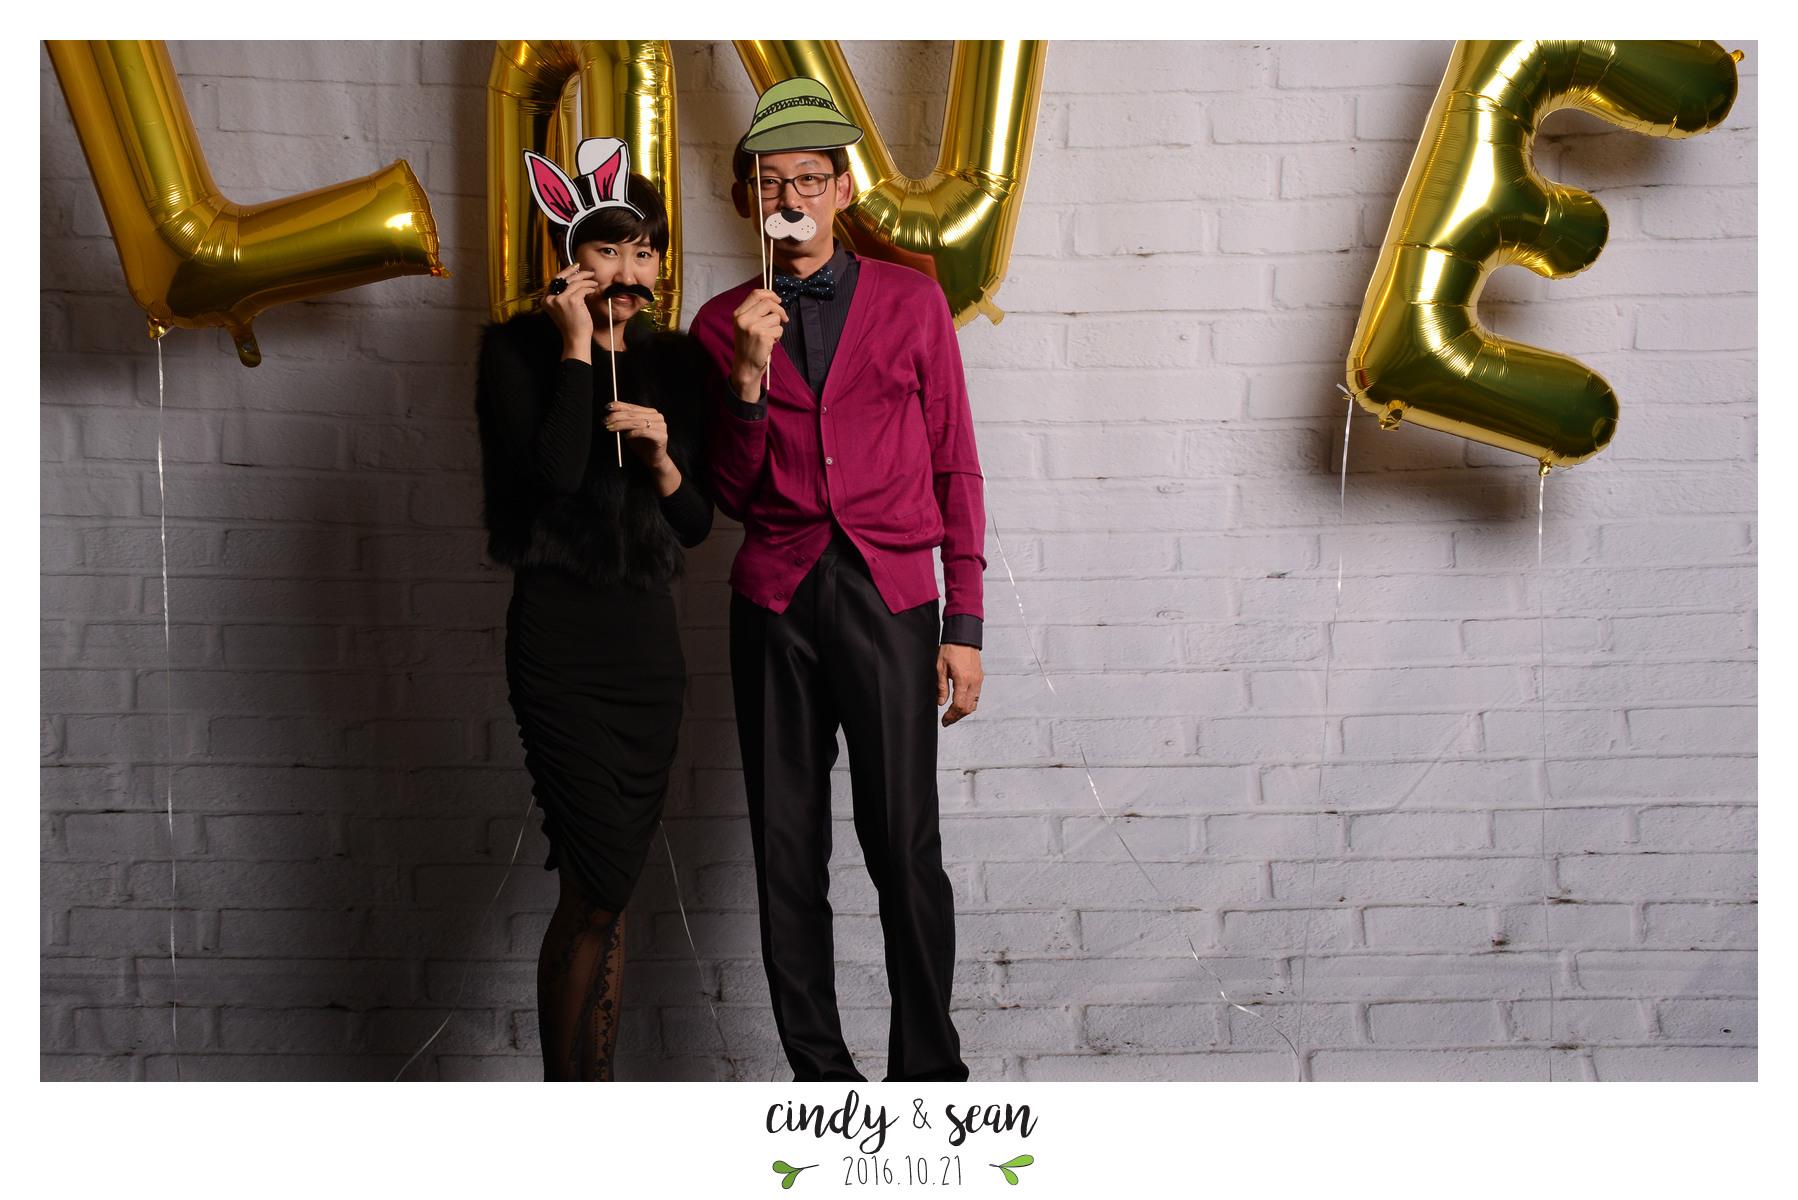 Cindy Sean Bae - 0001-74.jpg